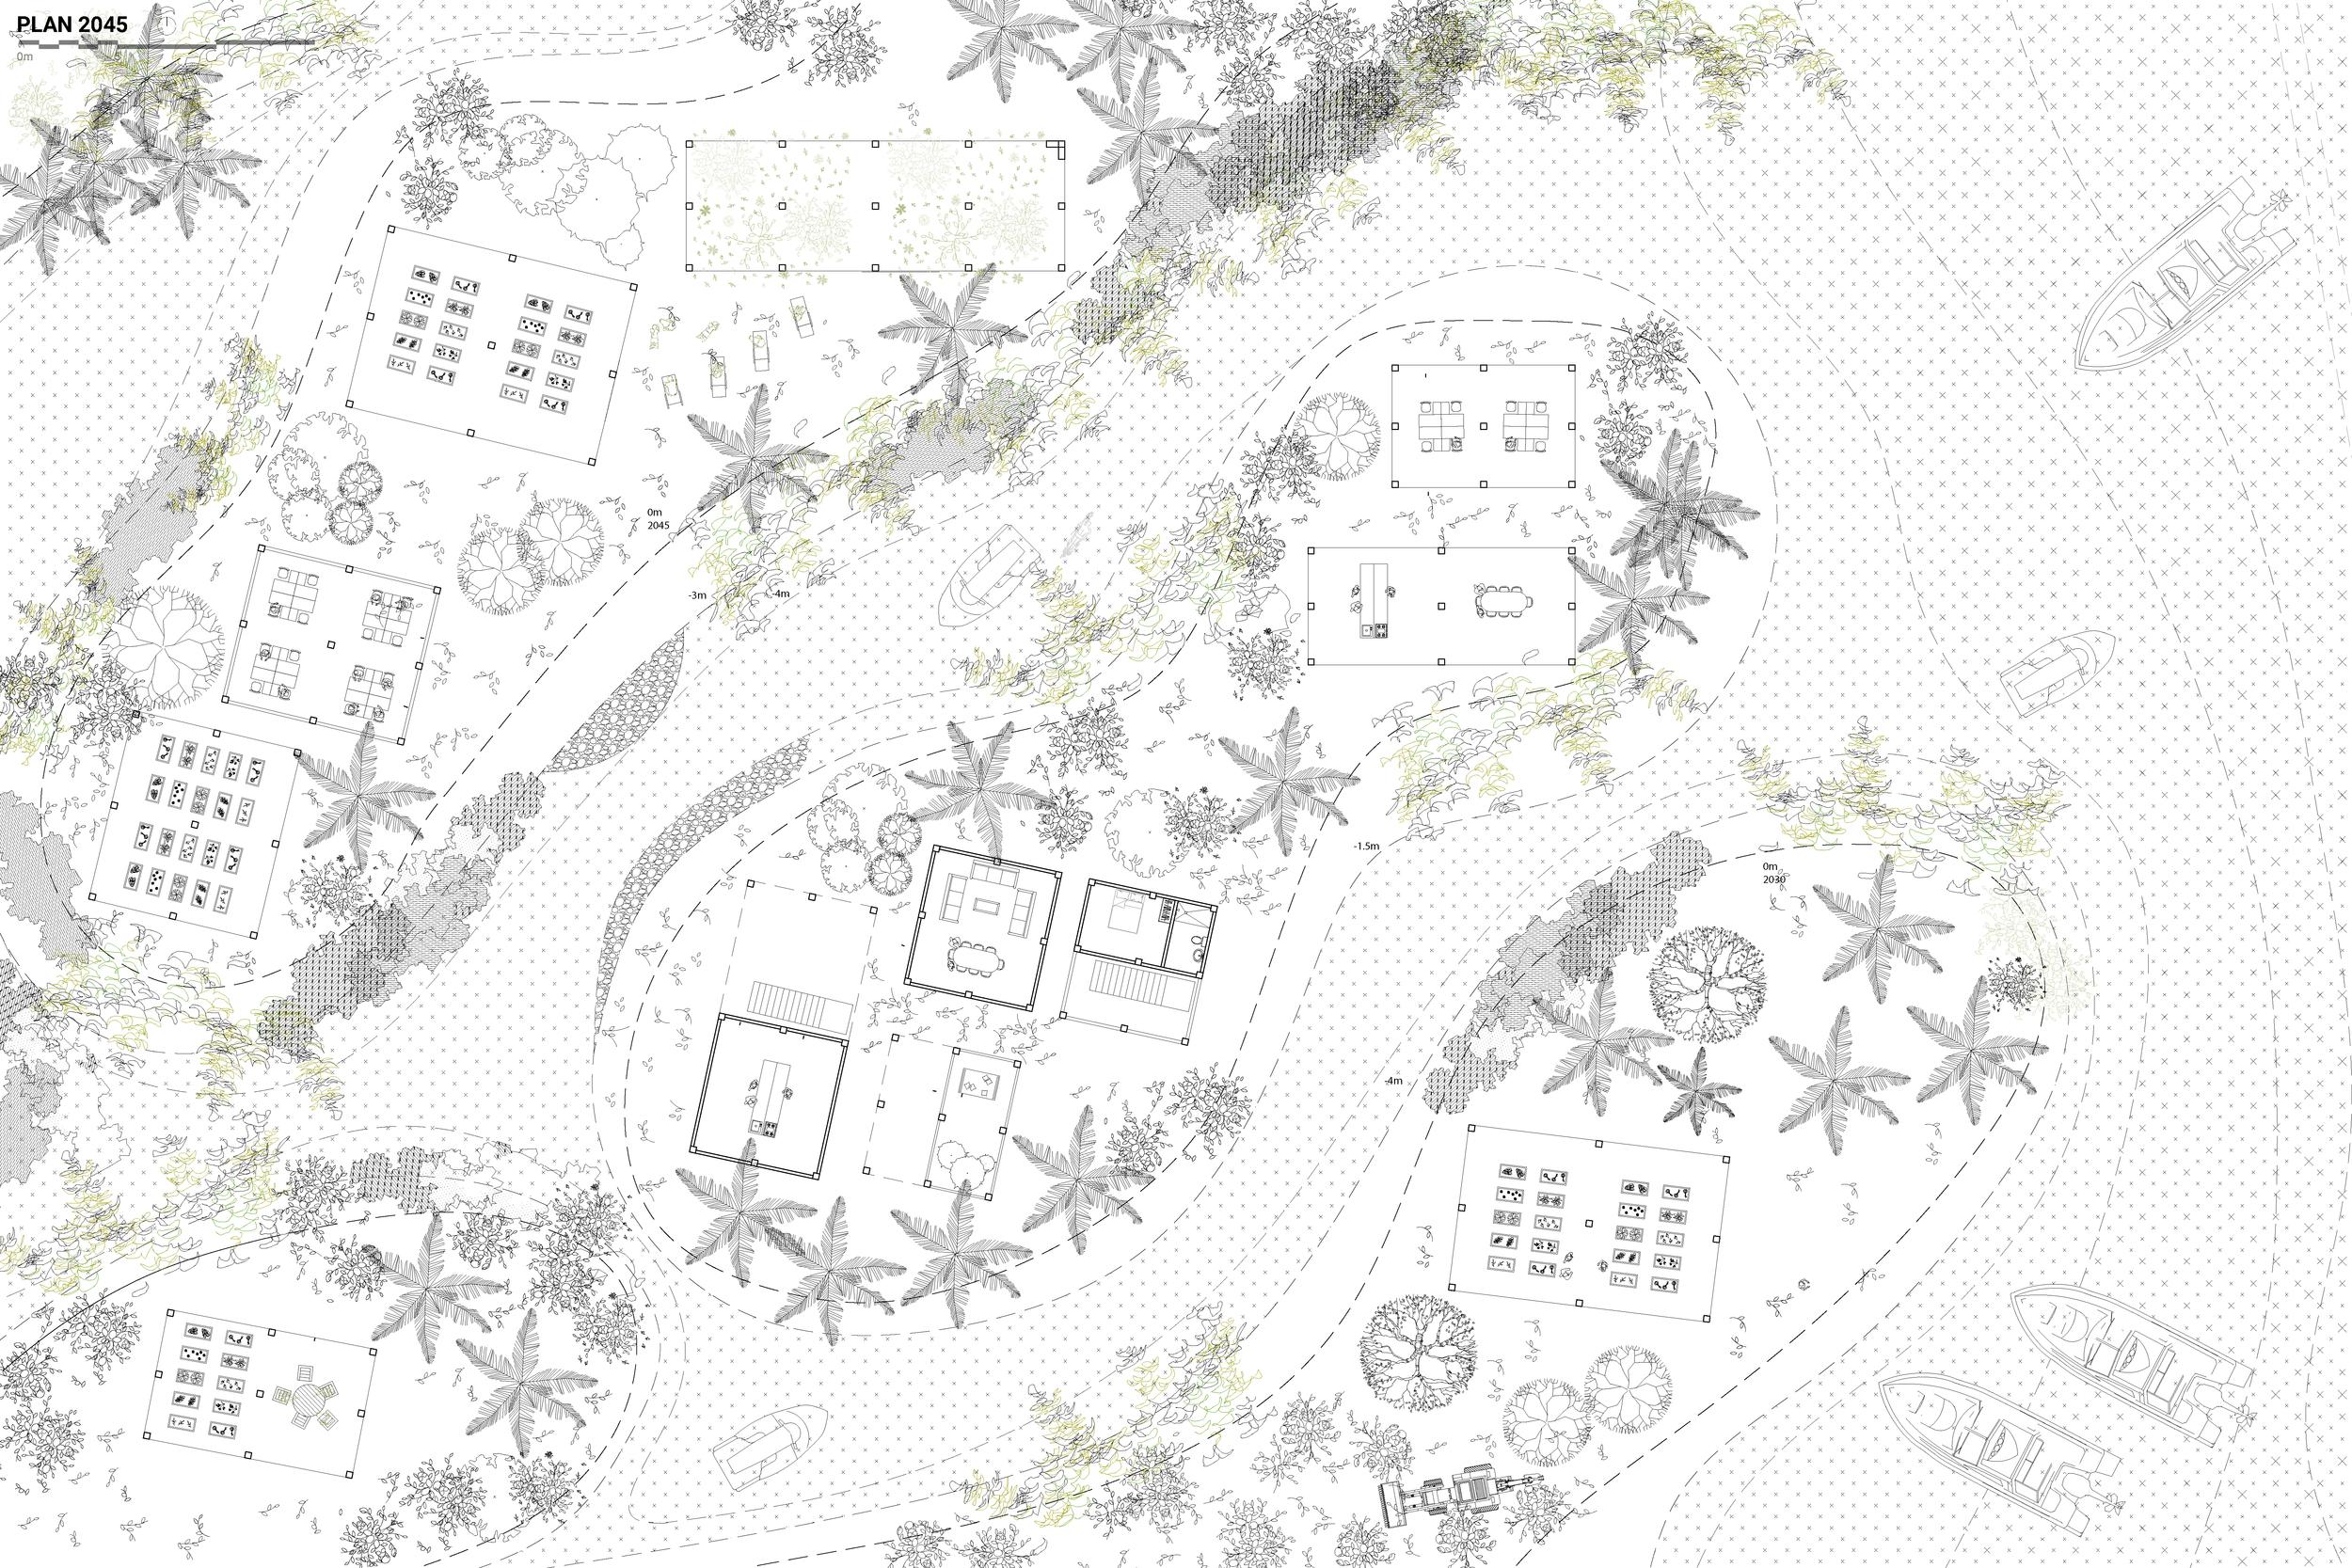 Plan Phase 2045_Edit.png